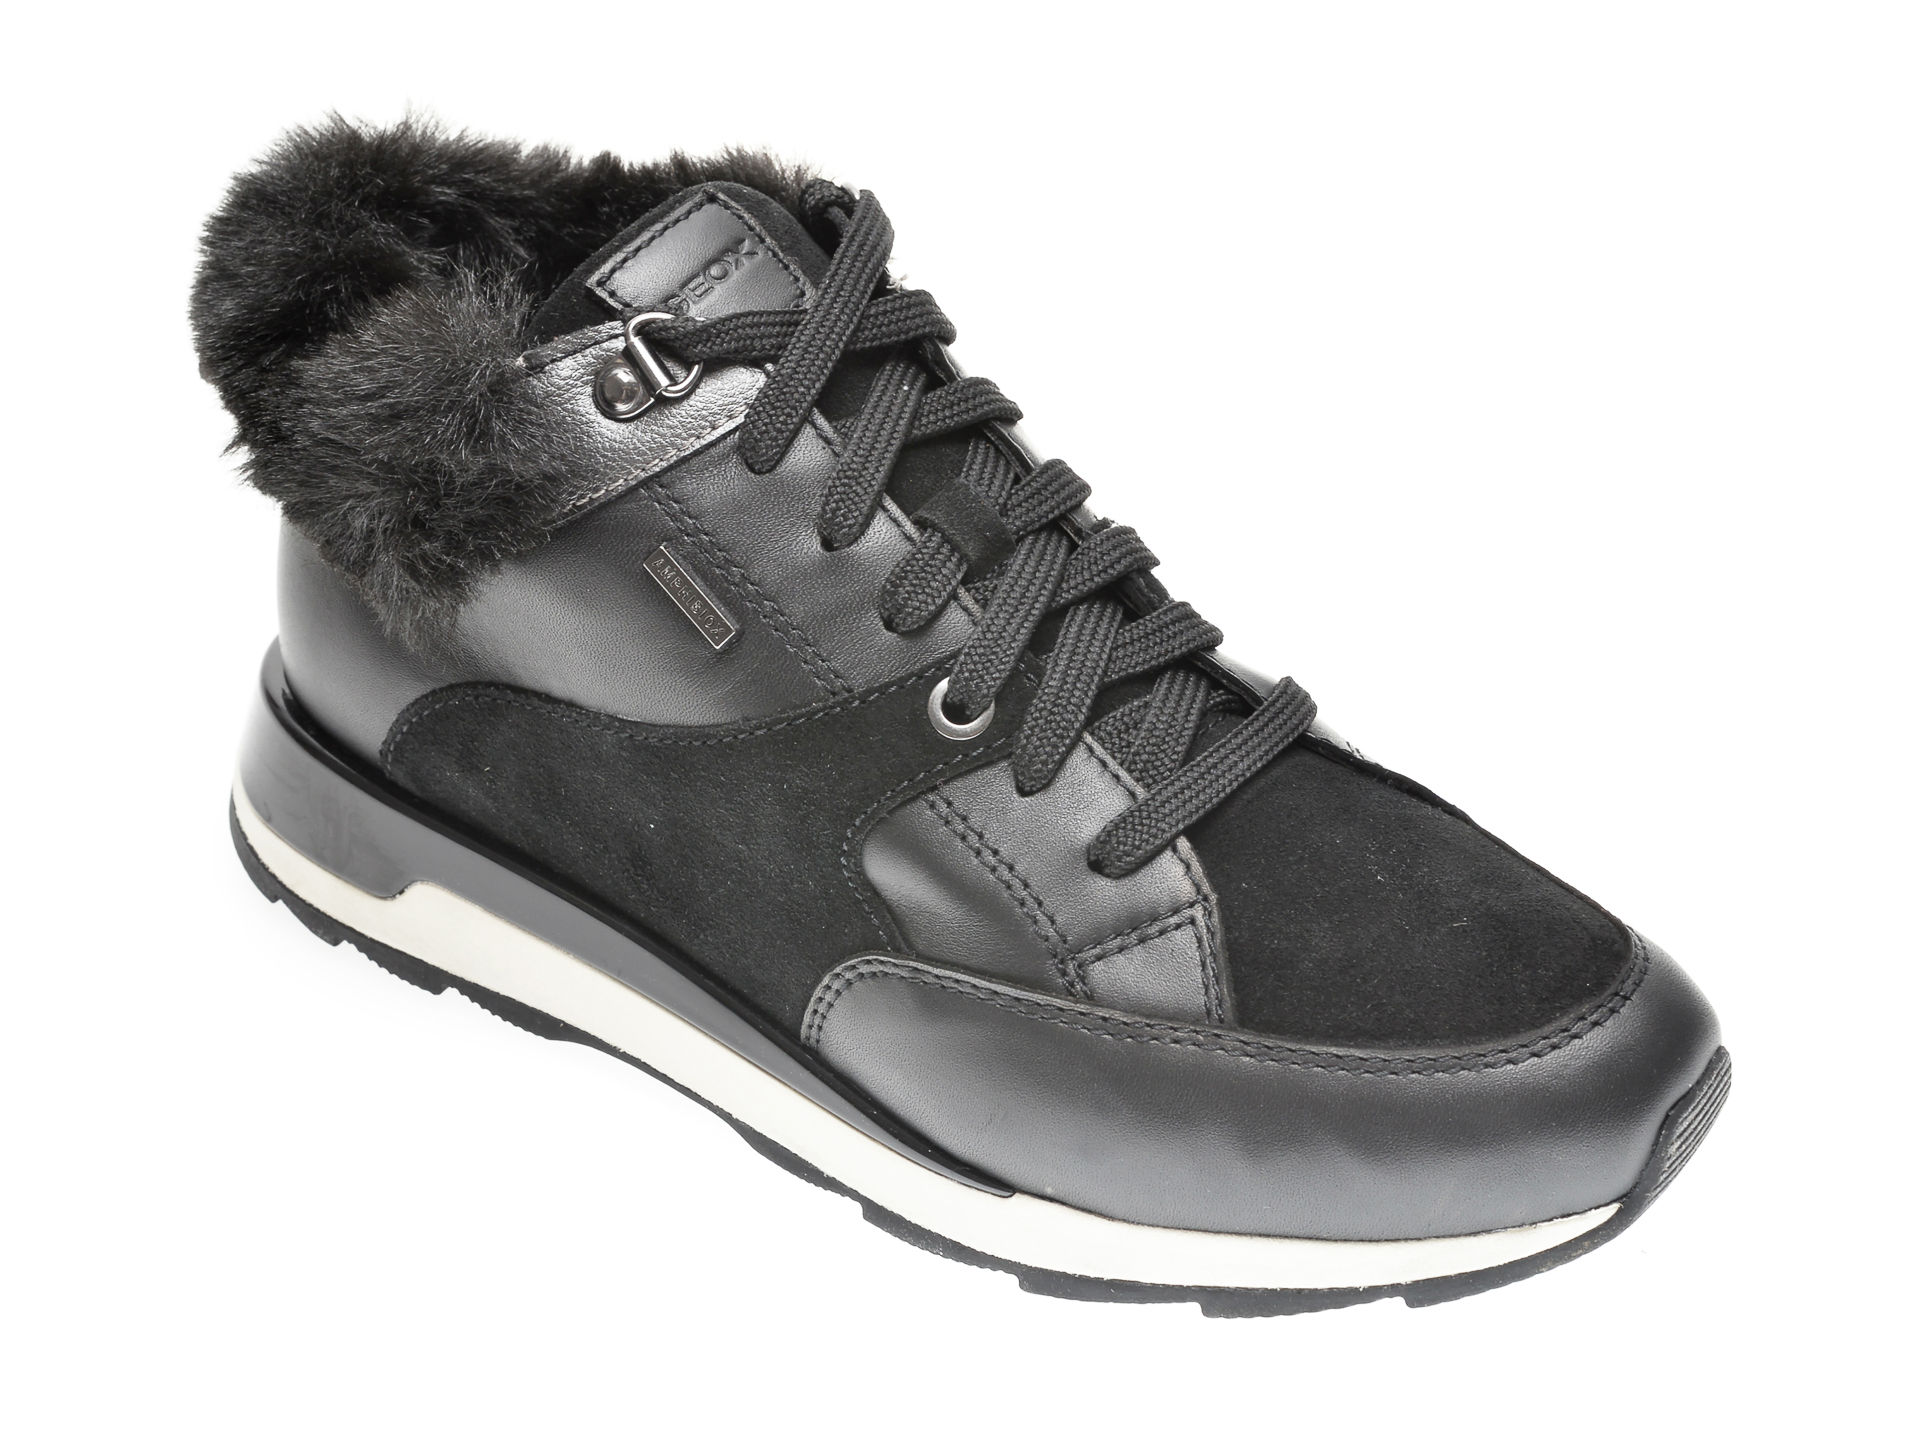 Pantofi GEOX negre, D04LYB, din piele intoarsa imagine